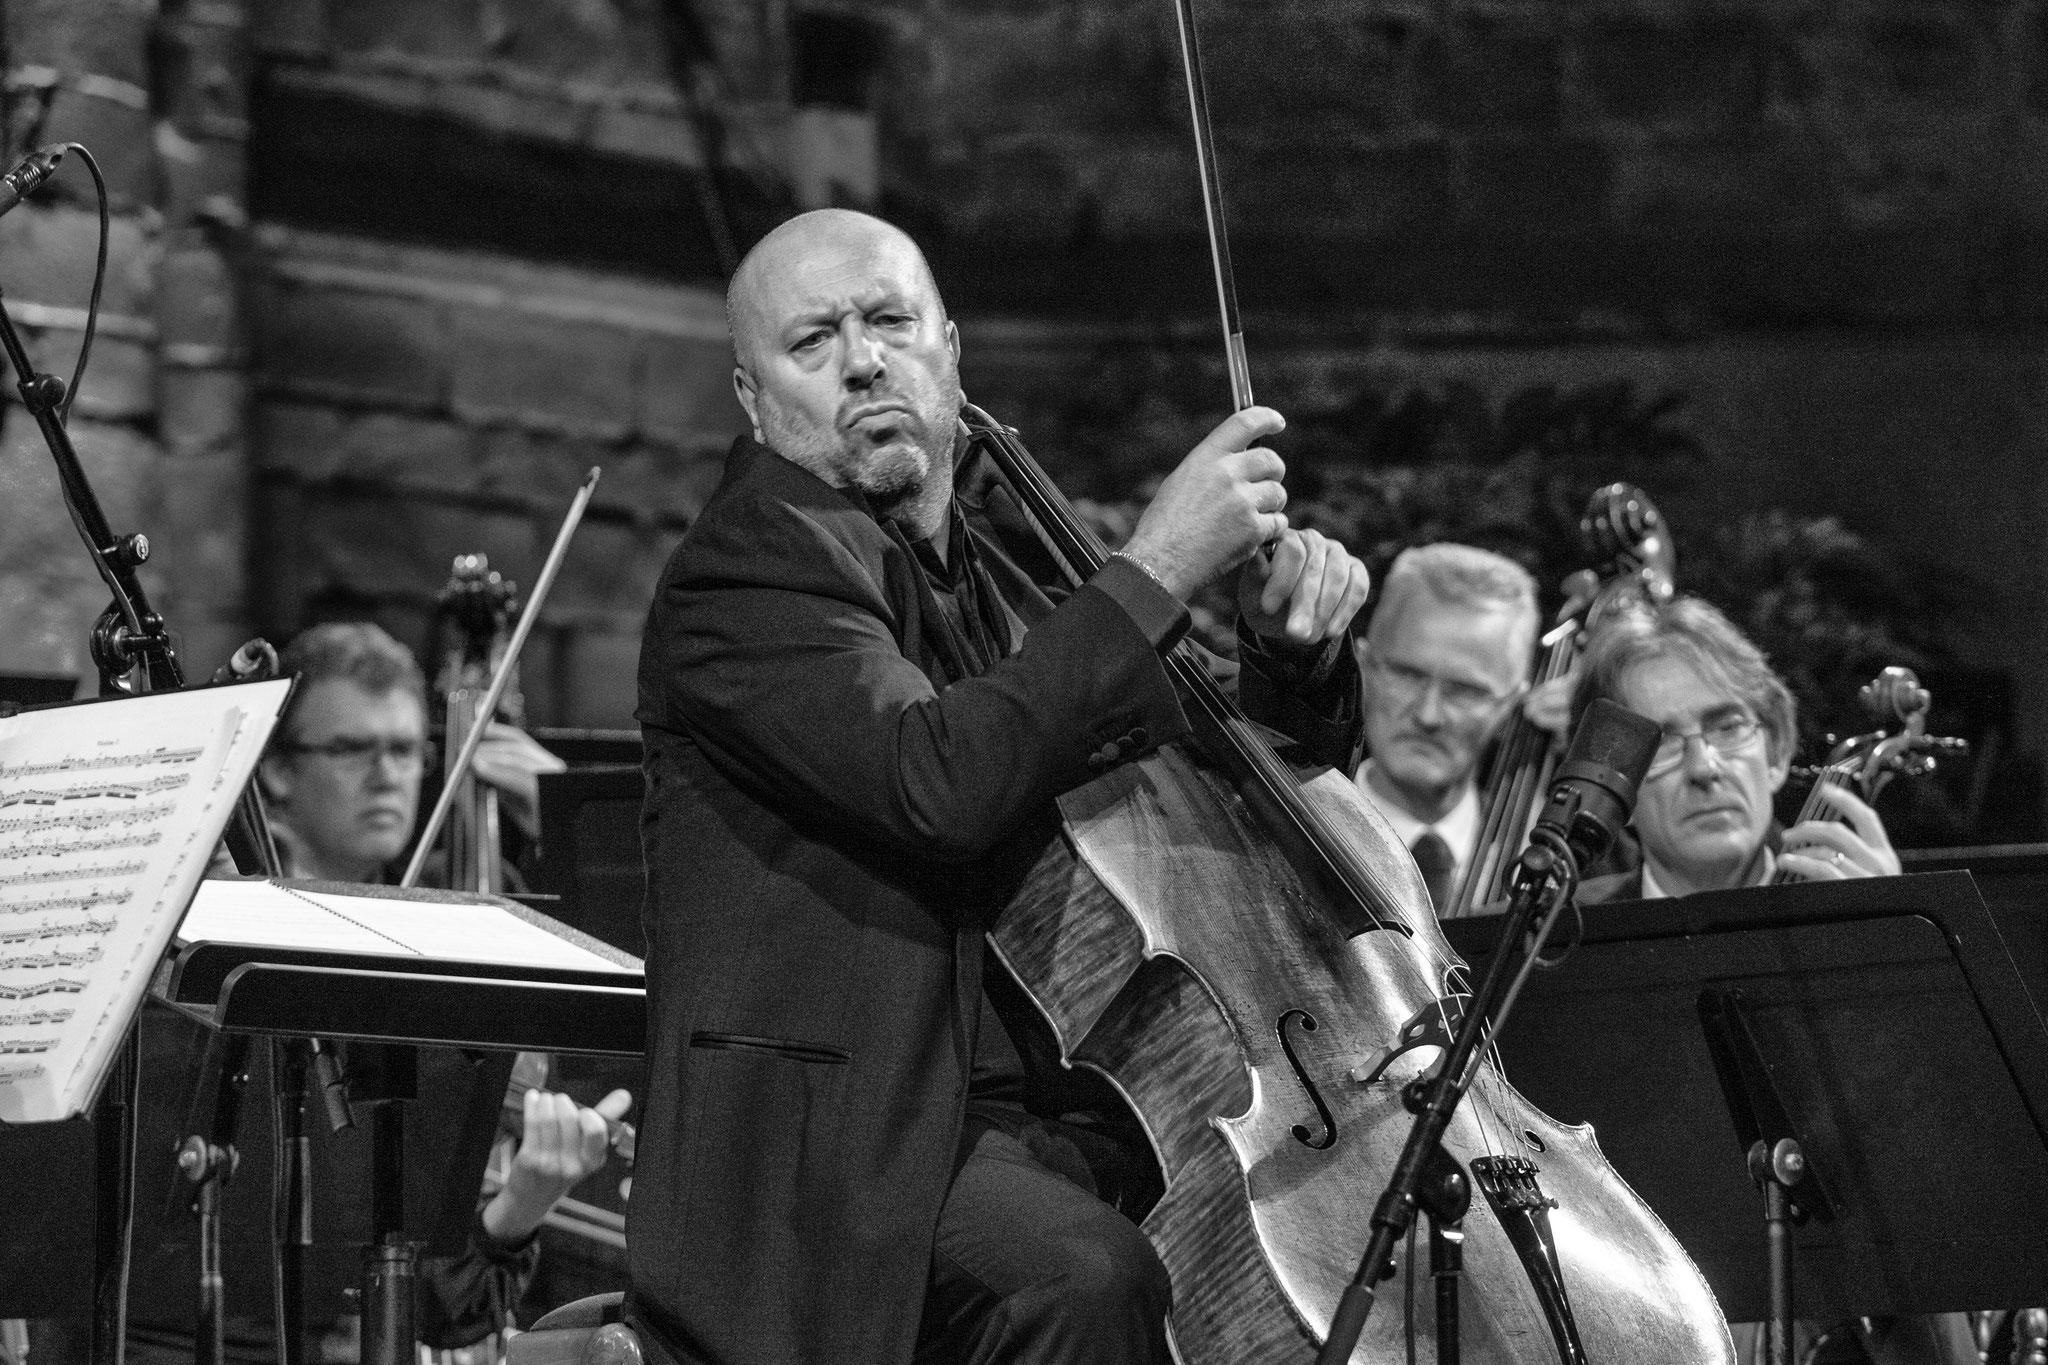 Festival de la Chaise-Dieu. Concerto de Haydn pour Violoncelle, Enrico Dindo. © Vincent Jolfre